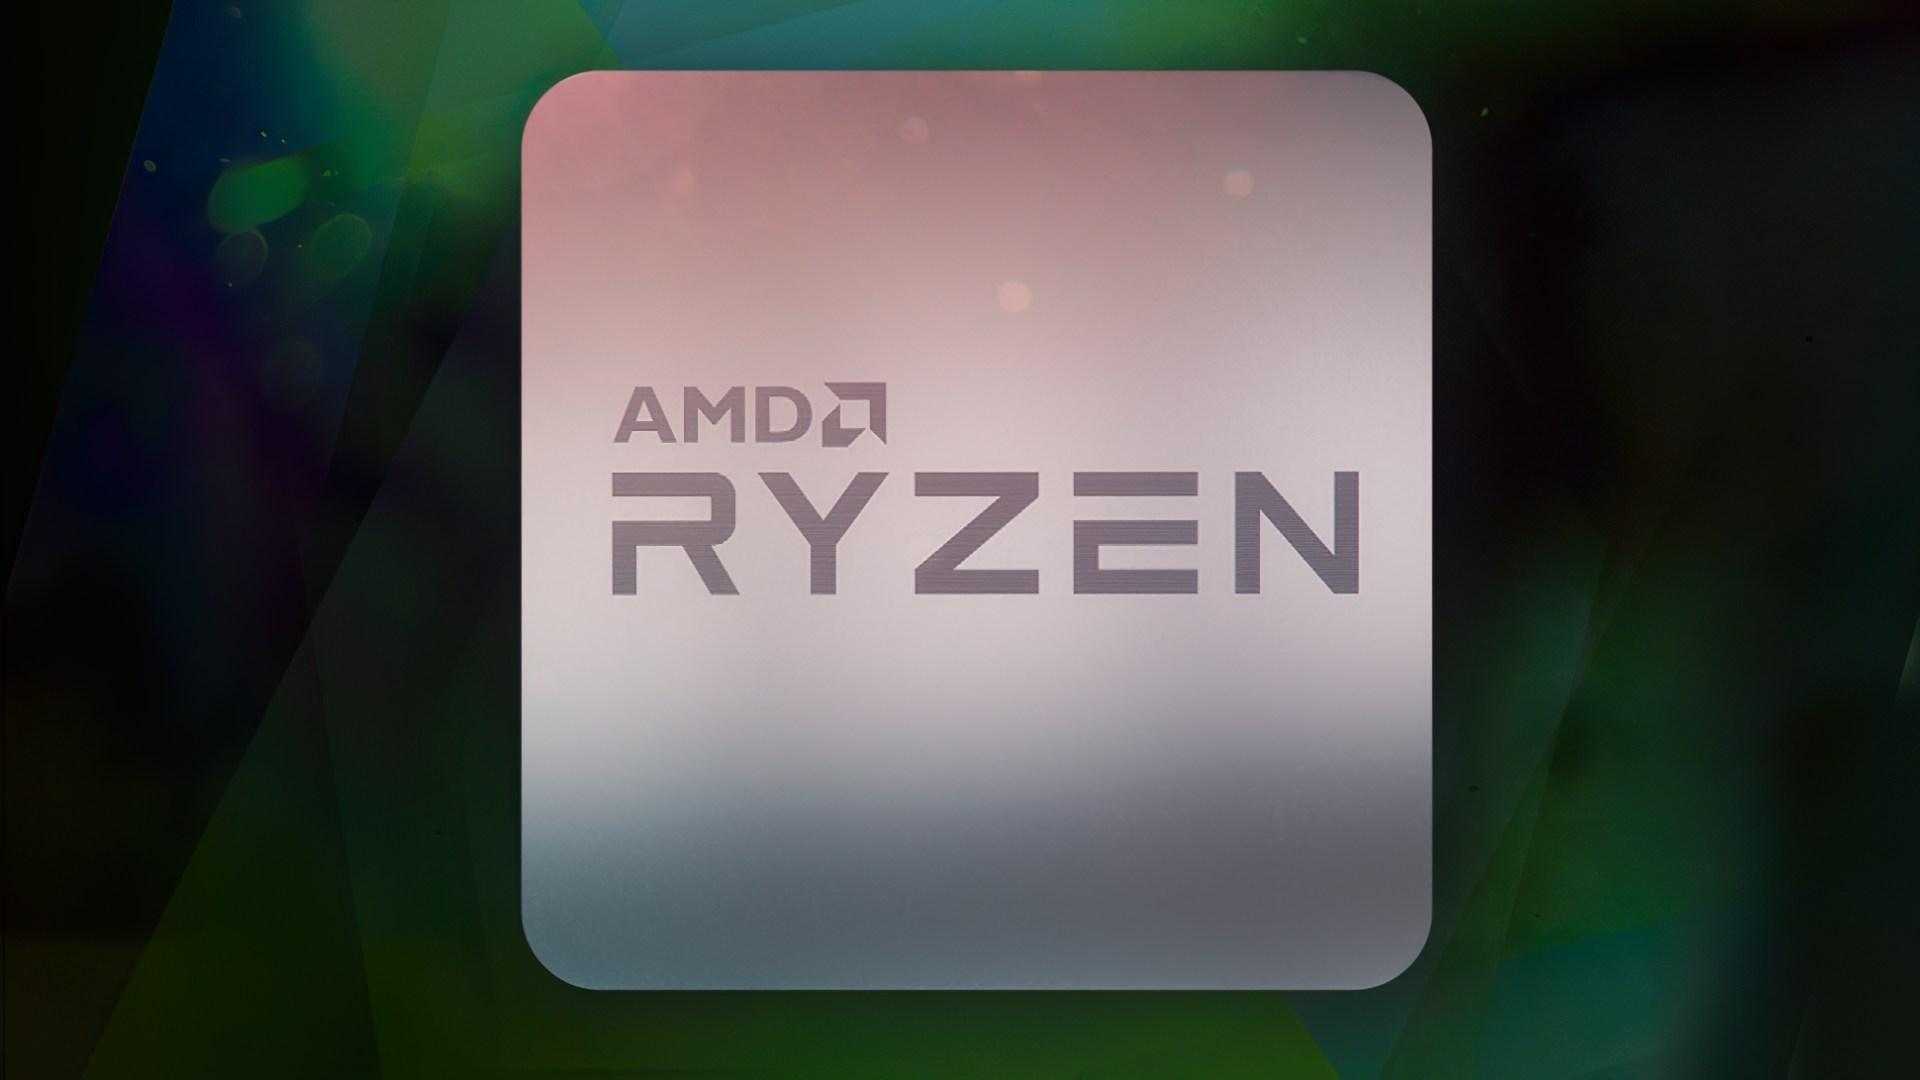 Prozessor, Logo, Cpu, Chip, Amd, Ryzen, AMD Ryzen, AMD Ryzen Pro, AMD CPU